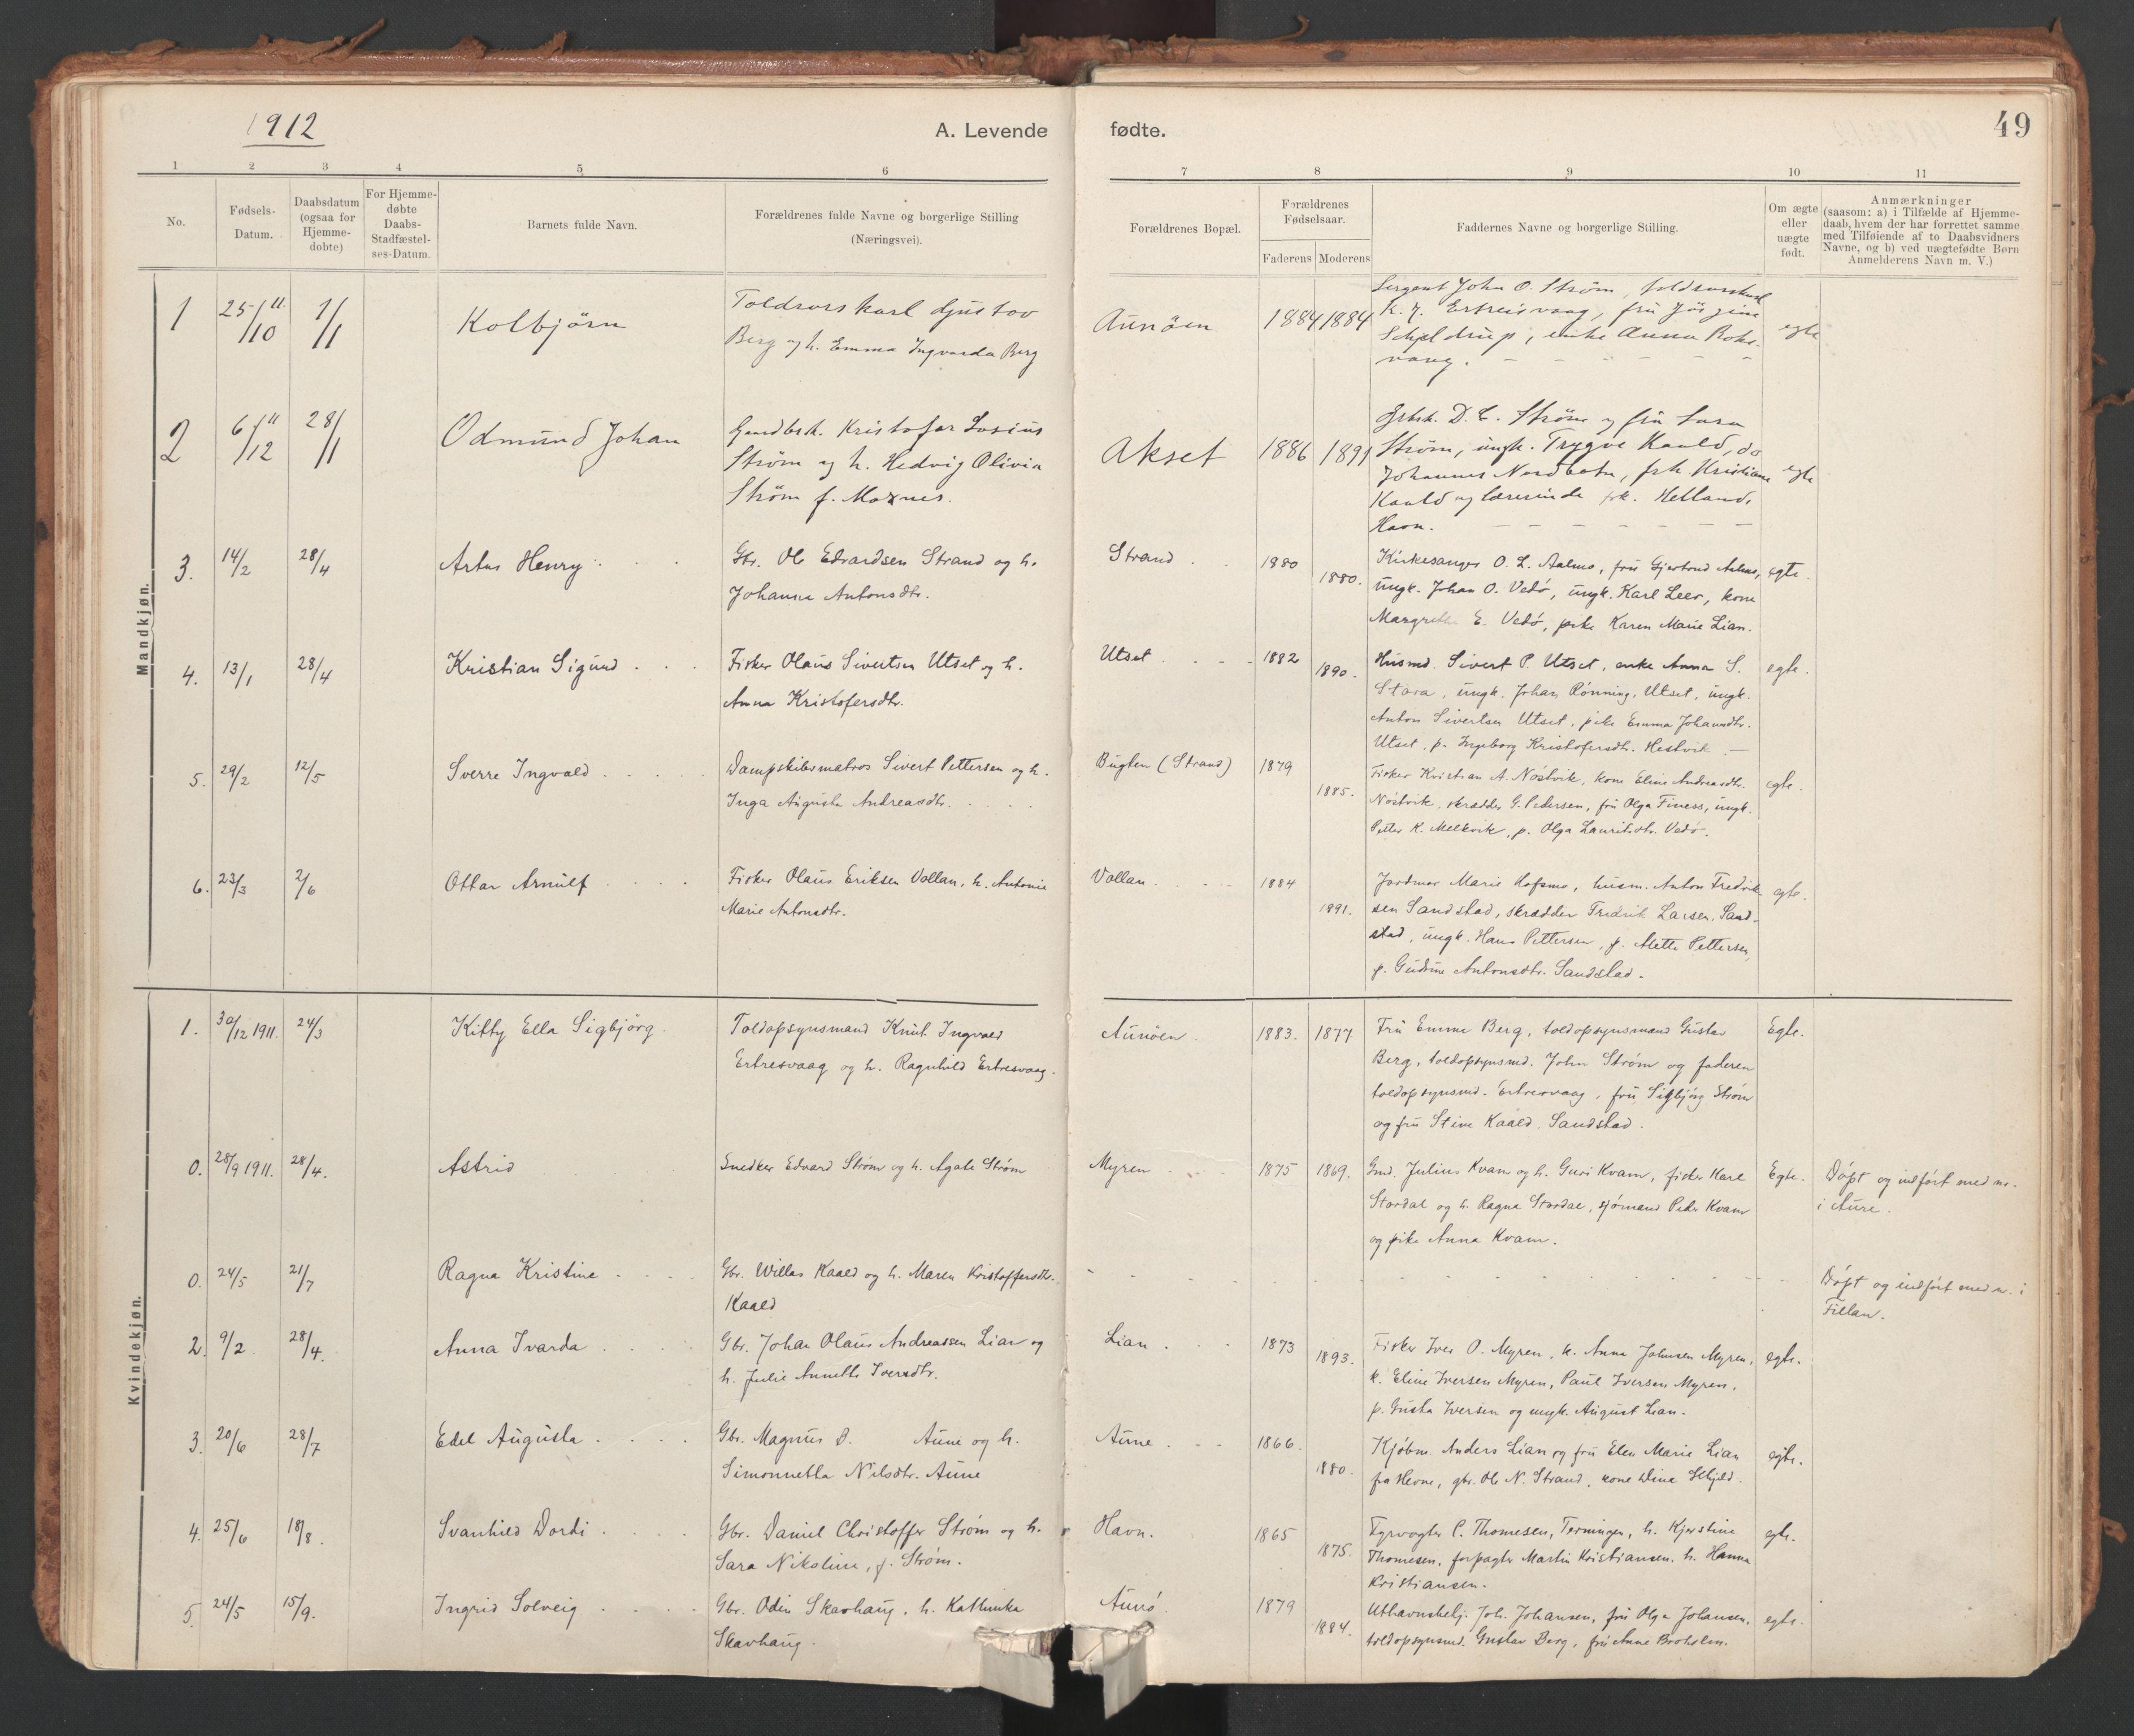 SAT, Ministerialprotokoller, klokkerbøker og fødselsregistre - Sør-Trøndelag, 639/L0572: Ministerialbok nr. 639A01, 1890-1920, s. 49